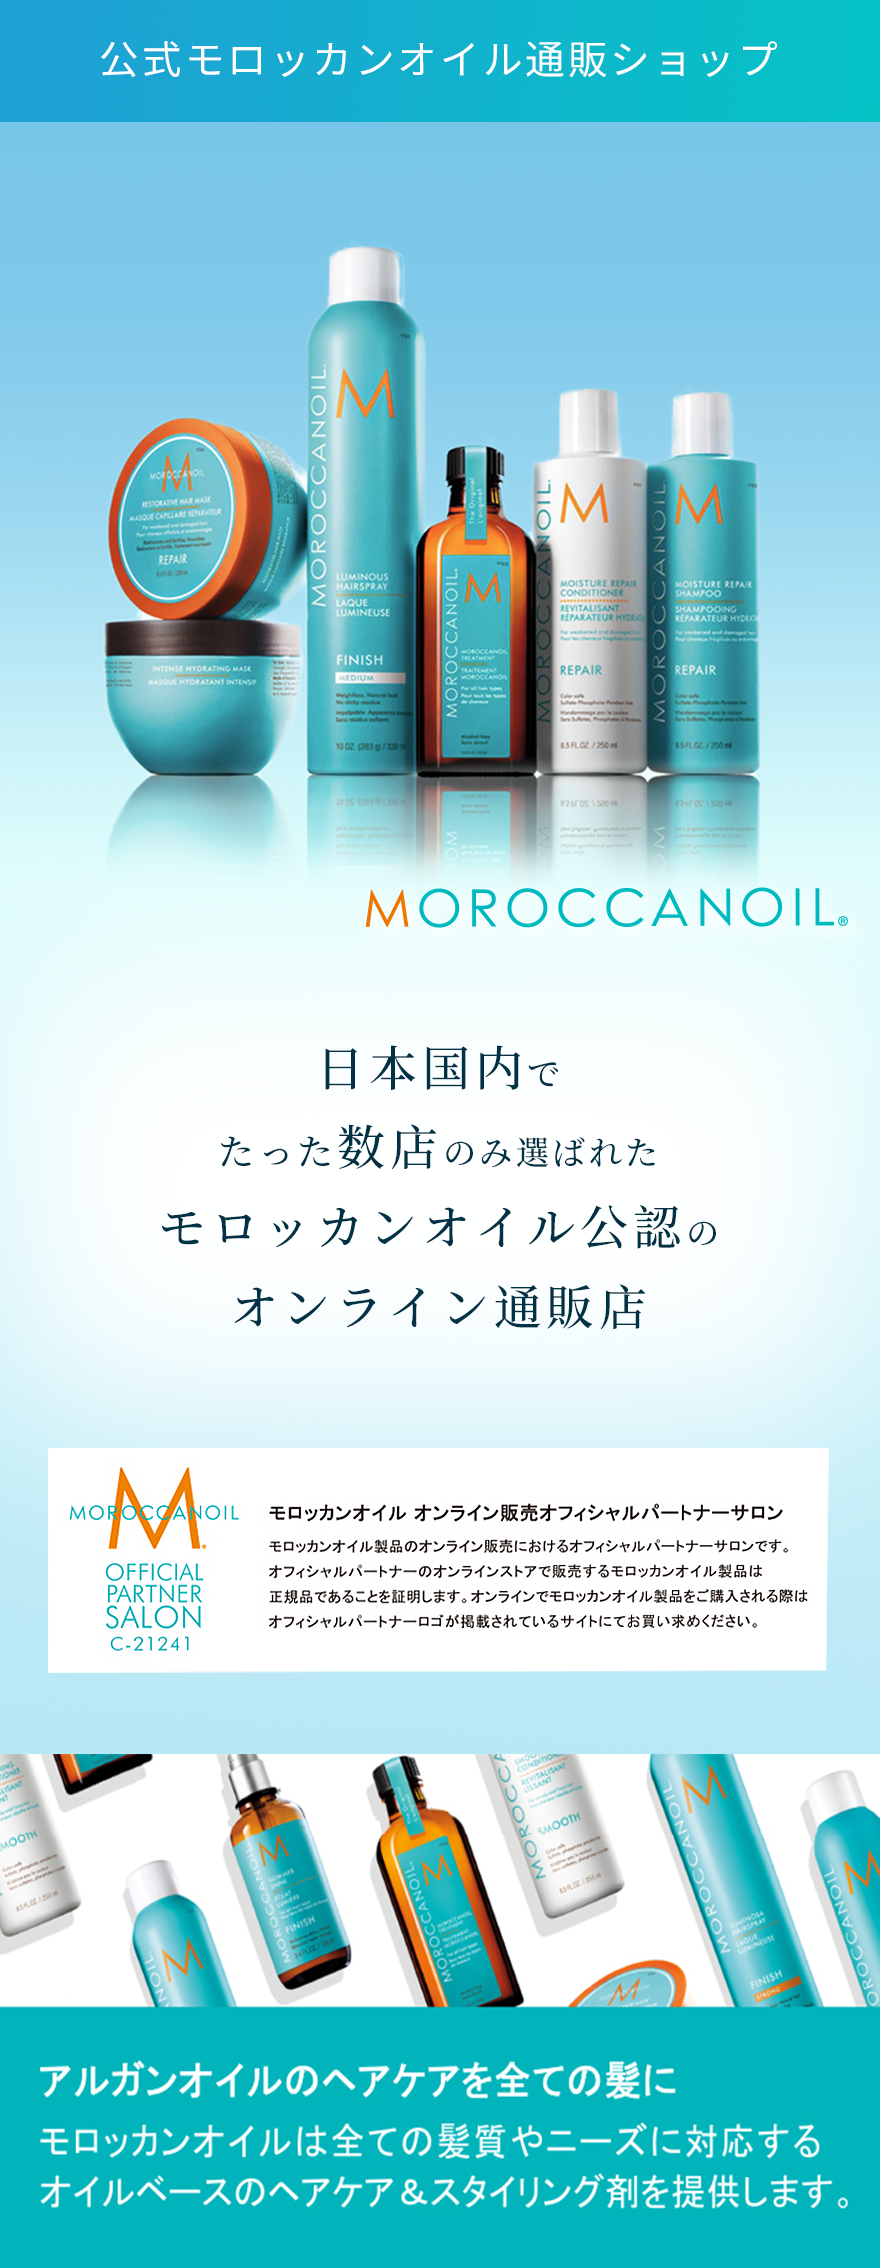 モロッカンオイル公式取扱